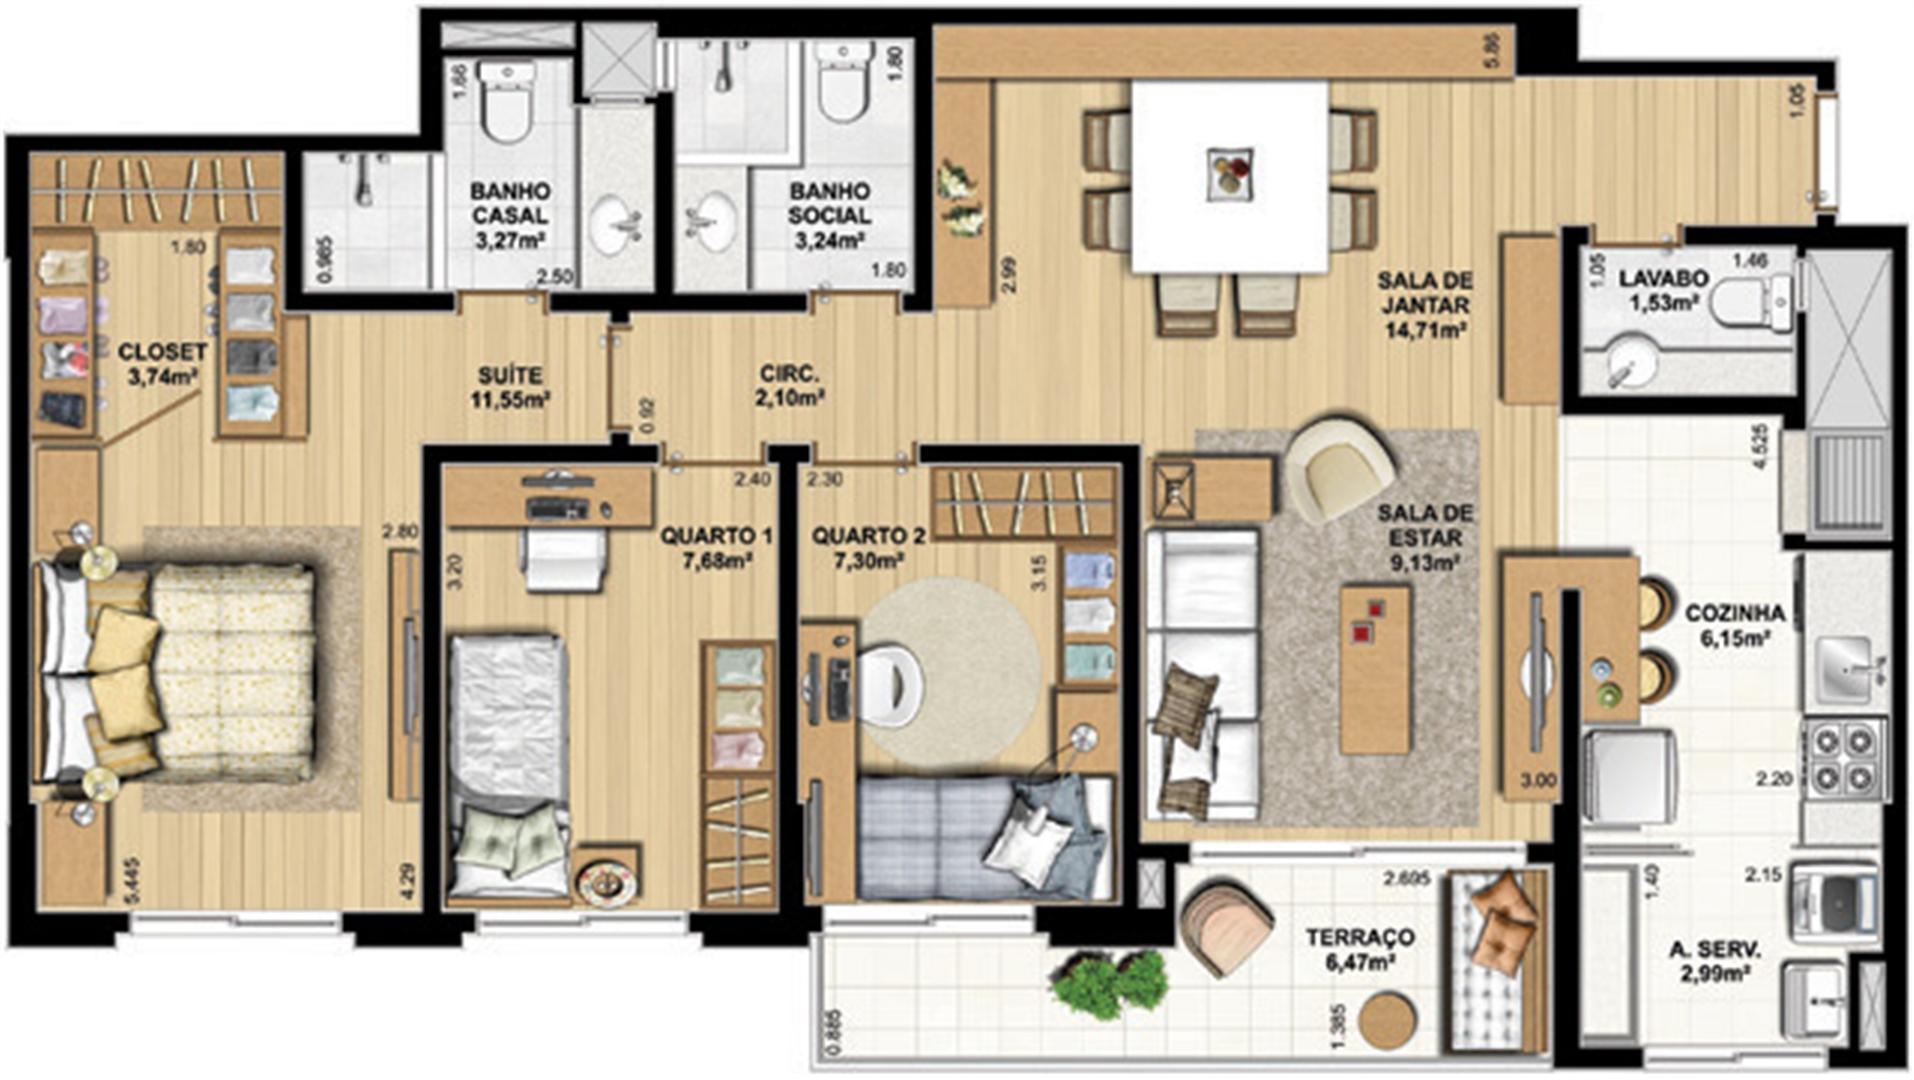 3 Dorm com suíte – 93 m² privativos com até 176 m² | WestSide Comfort Residences – Apartamento no  Vila Izabel  - Curitiba - Paraná